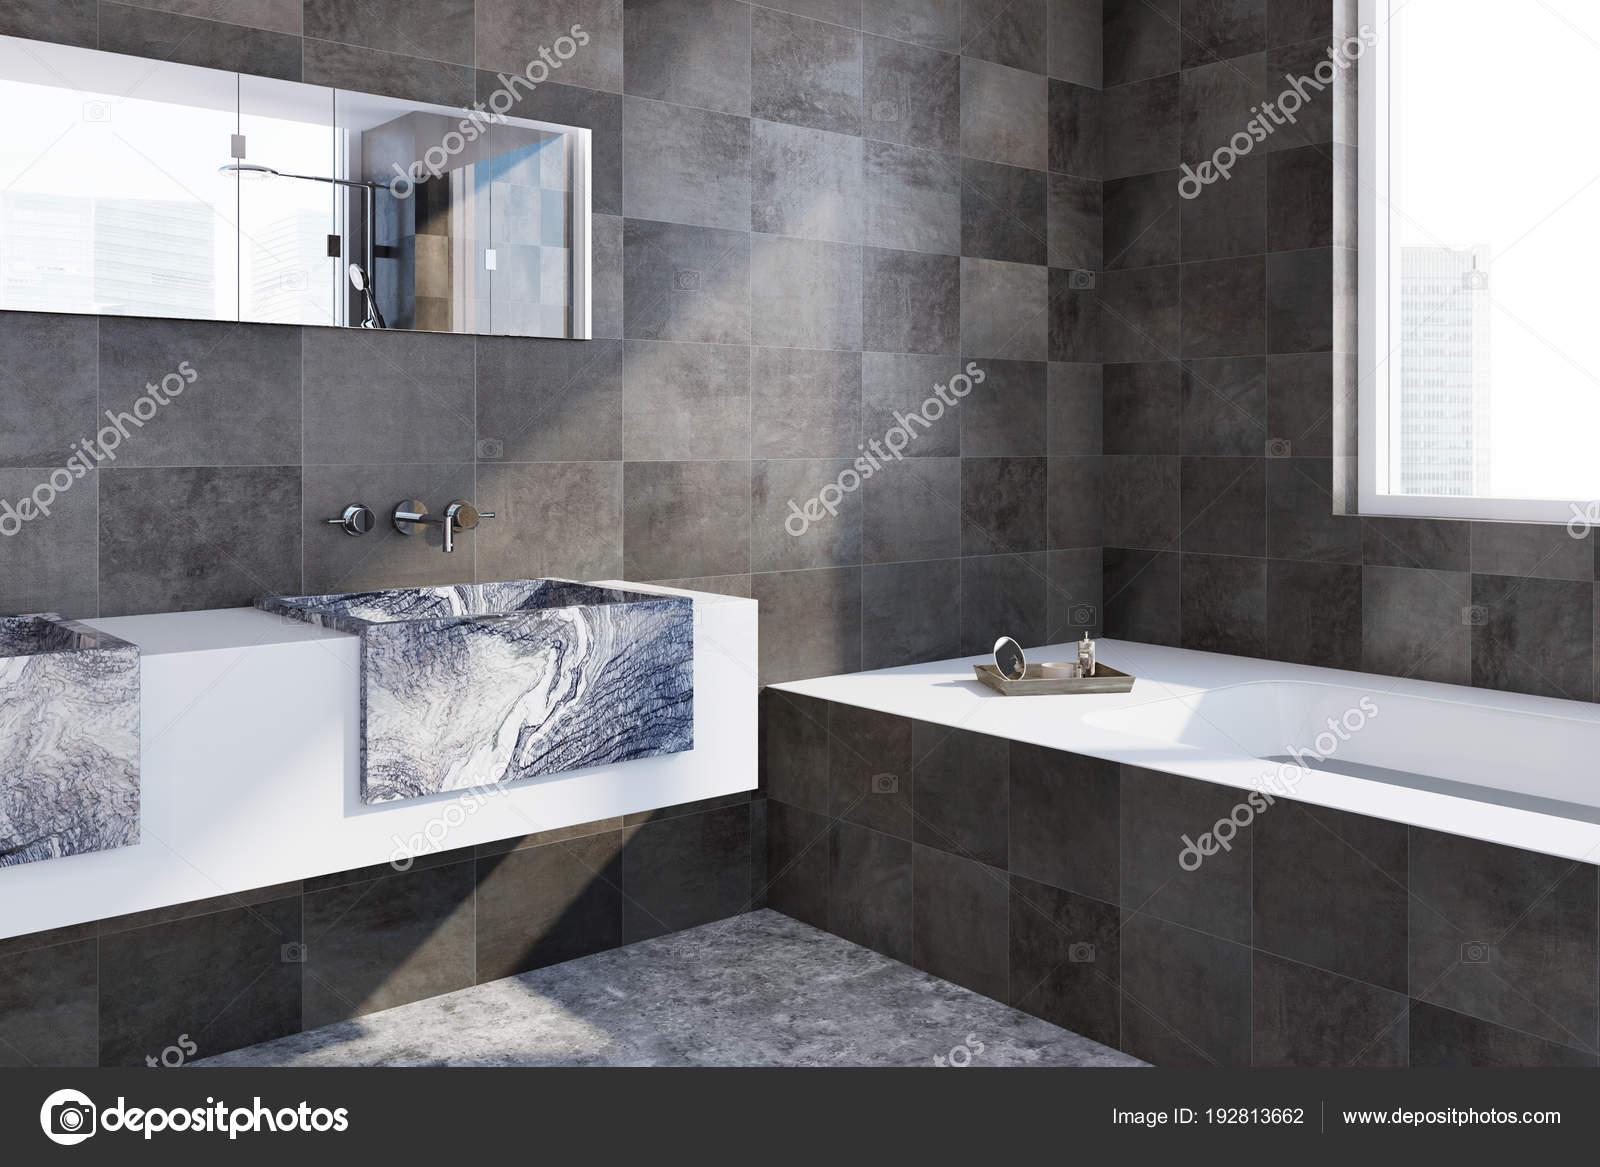 Mooie Betegelde Badkamers : Zwarte betegelde badkamer hoek u stockfoto denisismagilov